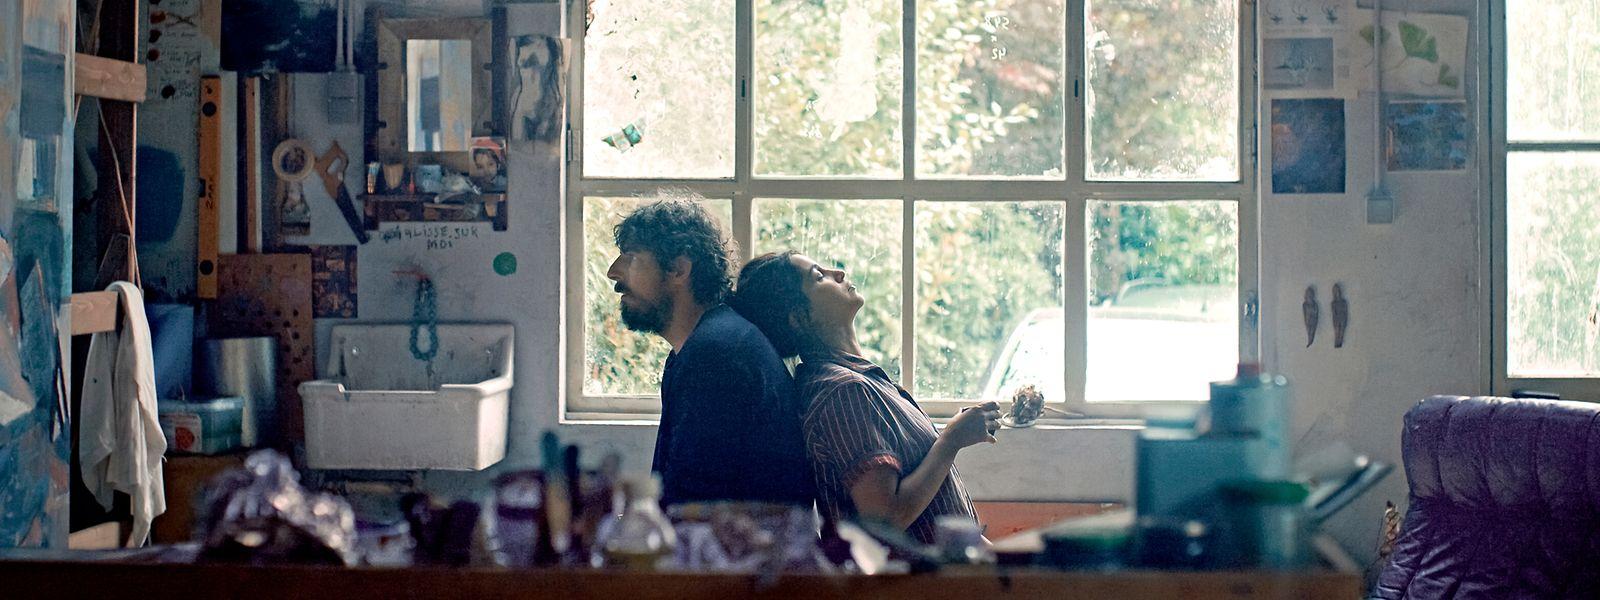 Damien (Damien Bonnard) et Leila (Leïla Bekthi) forment un couple, autant uni par l'amour que déchiré par la maladie.